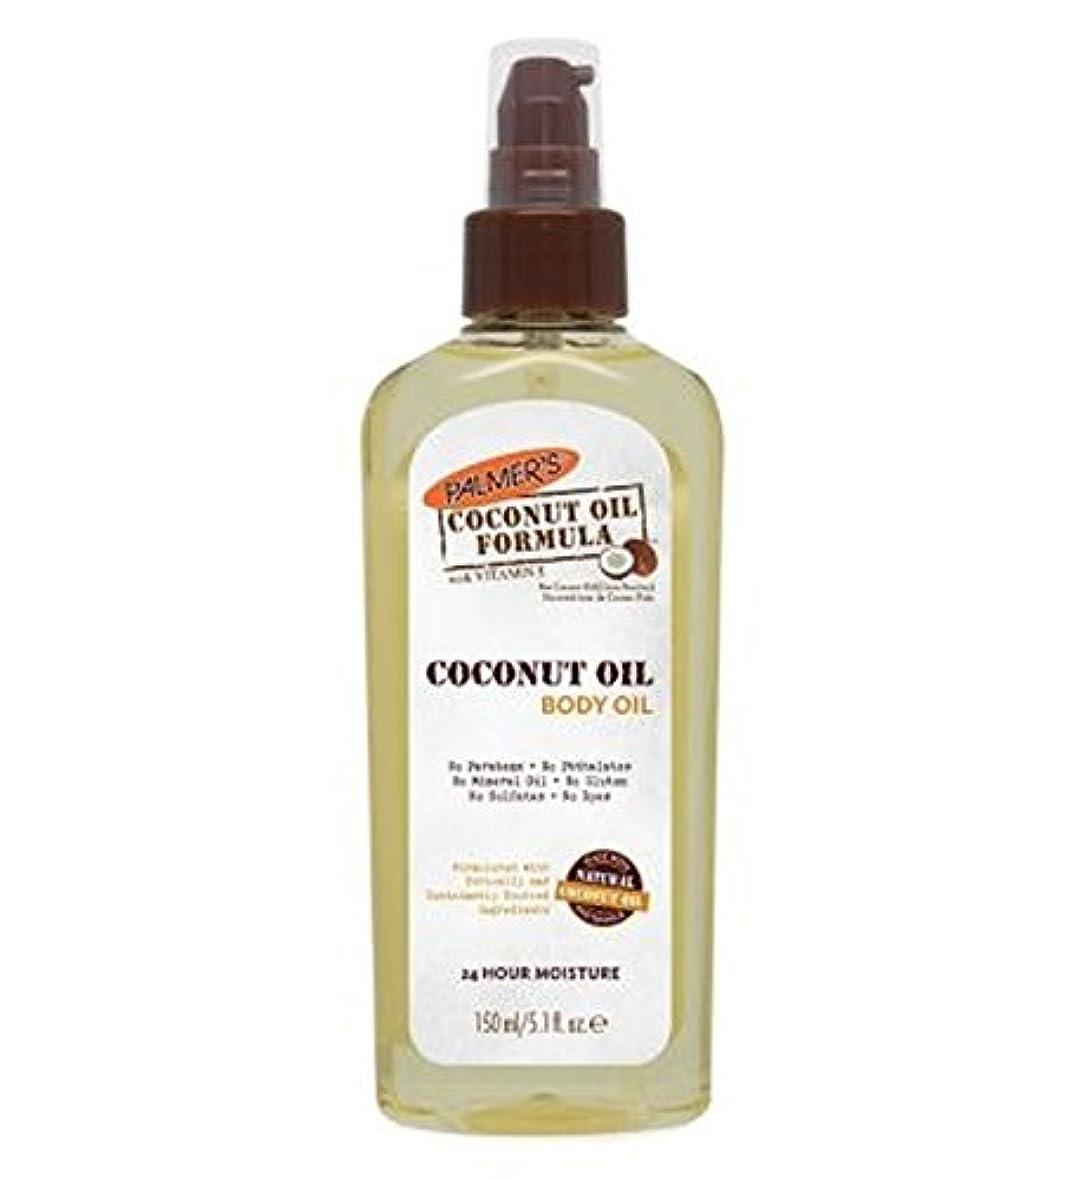 スコア放出階下Palmer's Coconut Oil Formula Body Oil 150ml - パーマーのココナッツオイル式ボディオイル150ミリリットル (Palmer's) [並行輸入品]